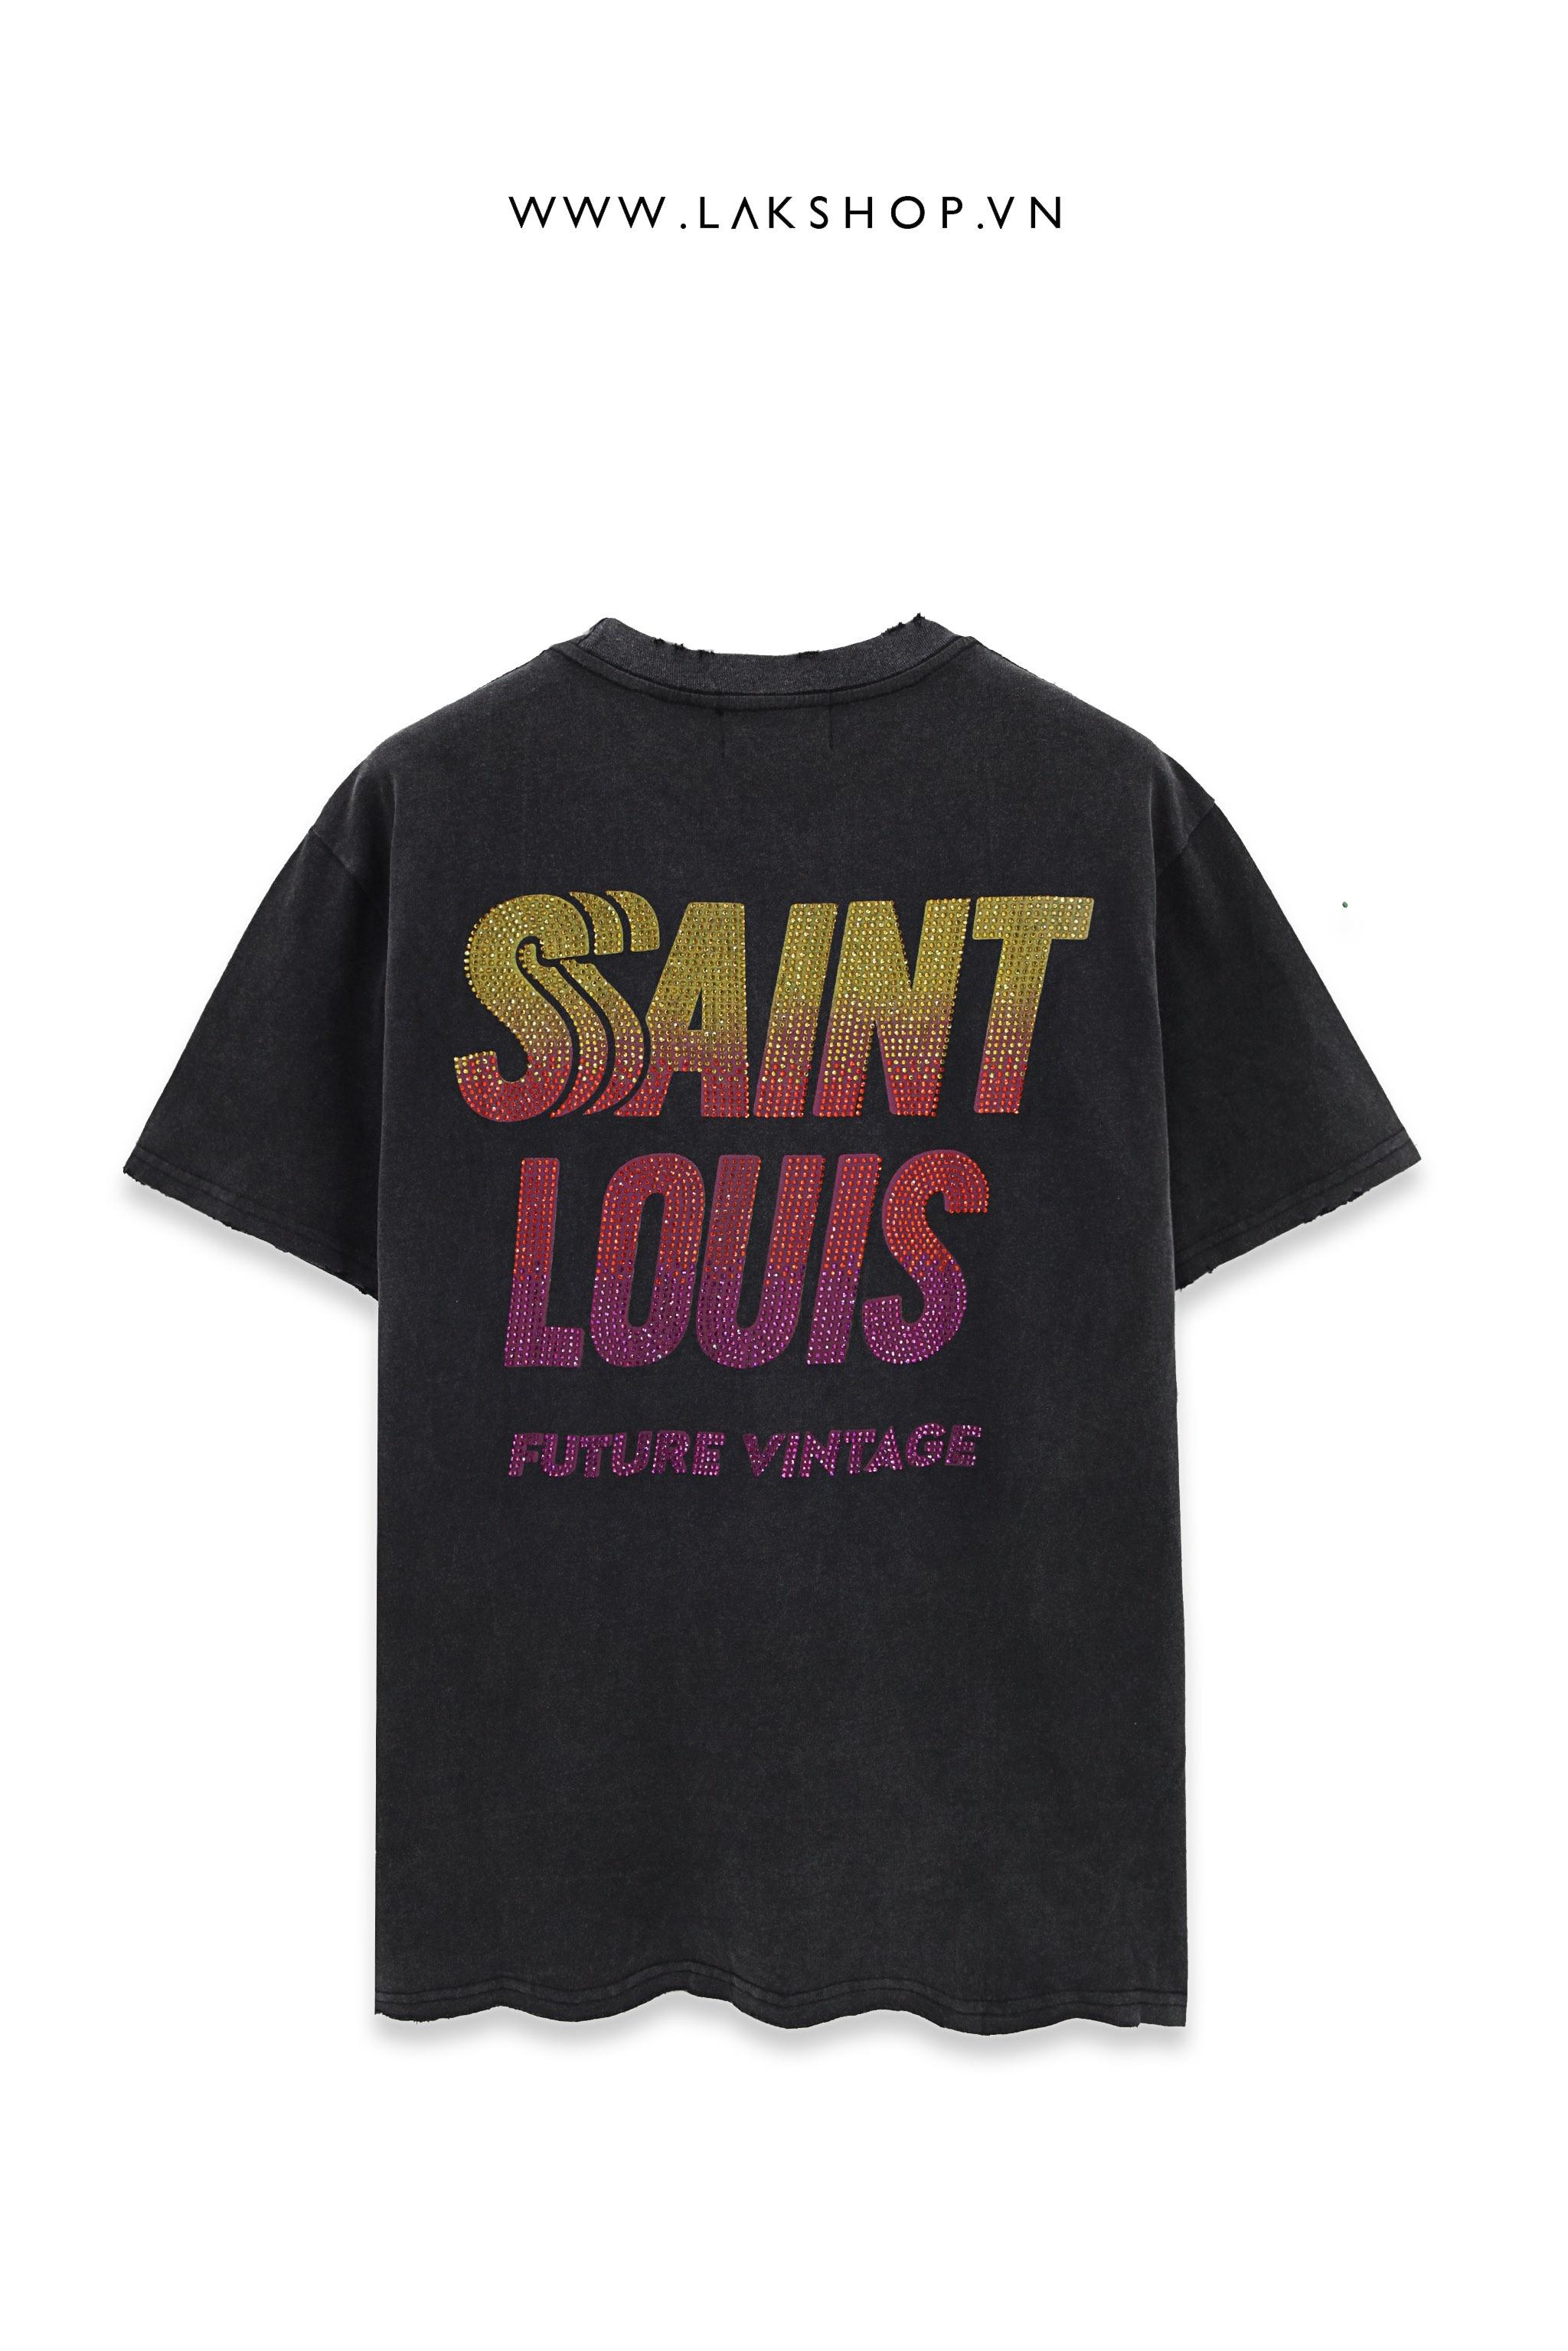 Loose Black Pant